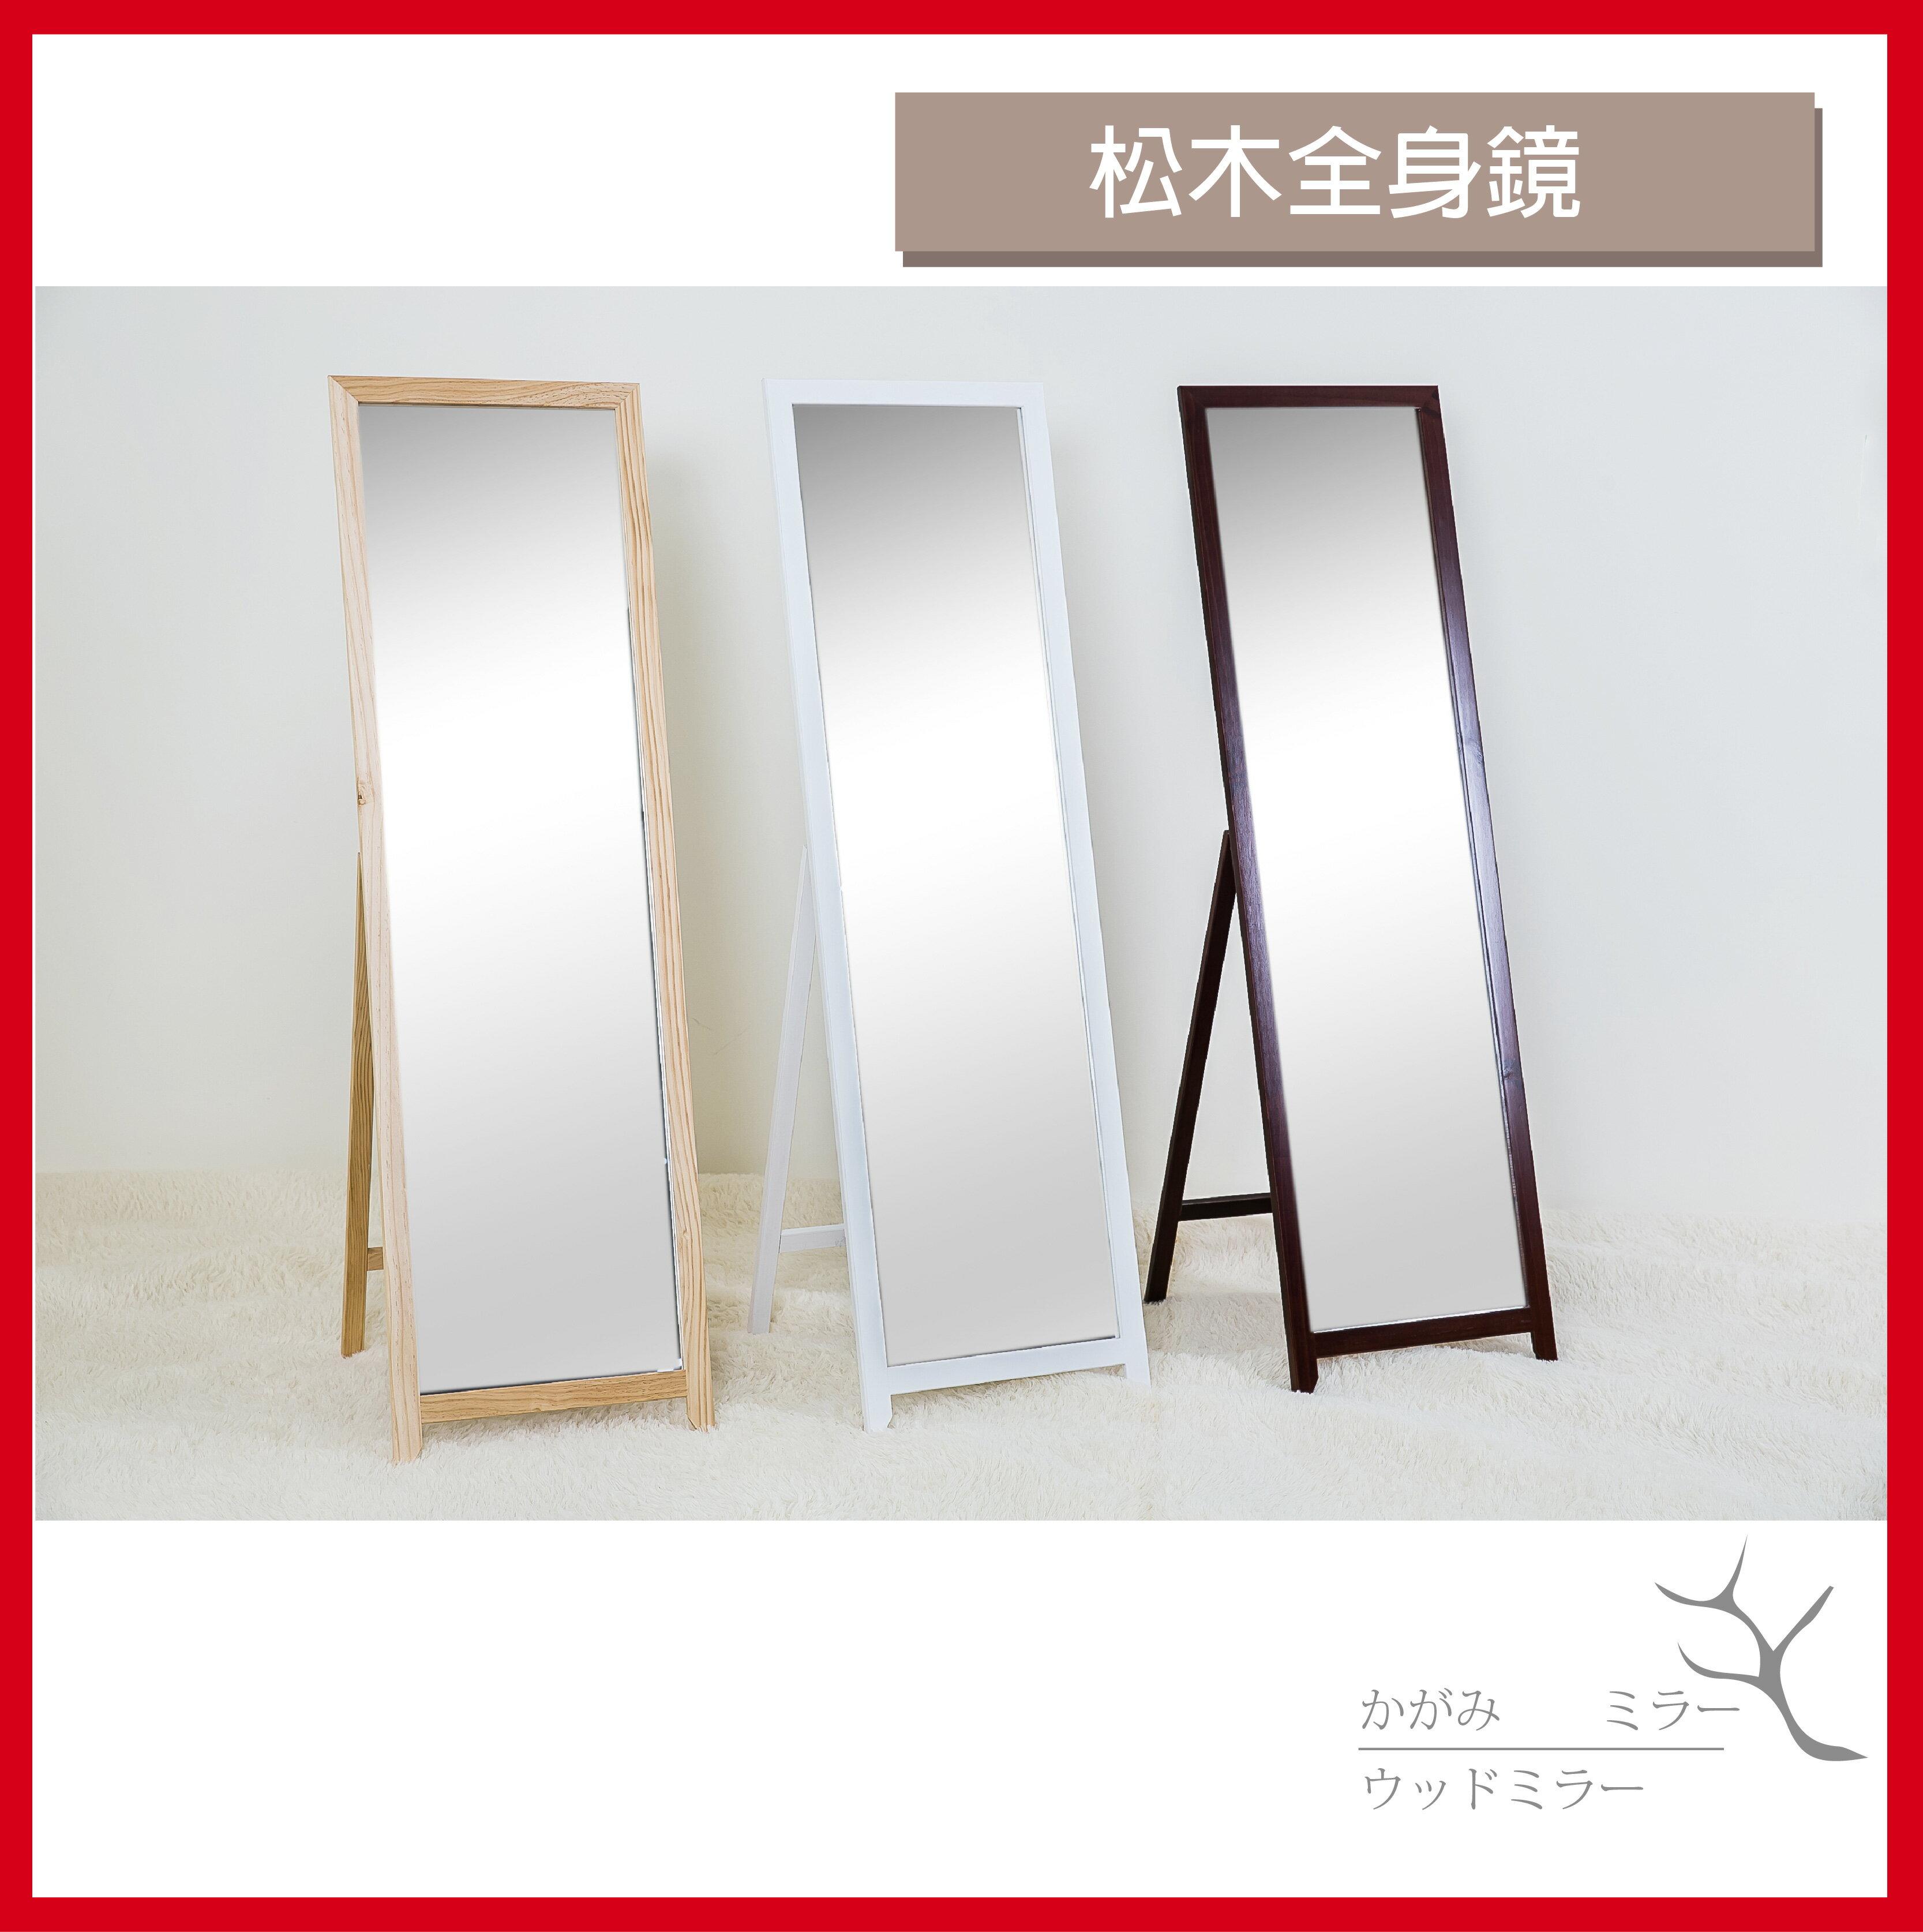 [免運] 三色可選 台灣玻璃 松木邊框 實木 立鏡 連身鏡 穿衣鏡 化妝鏡 落地全身鏡 全身立鏡 全身鏡 白色/原木色/胡桃木色